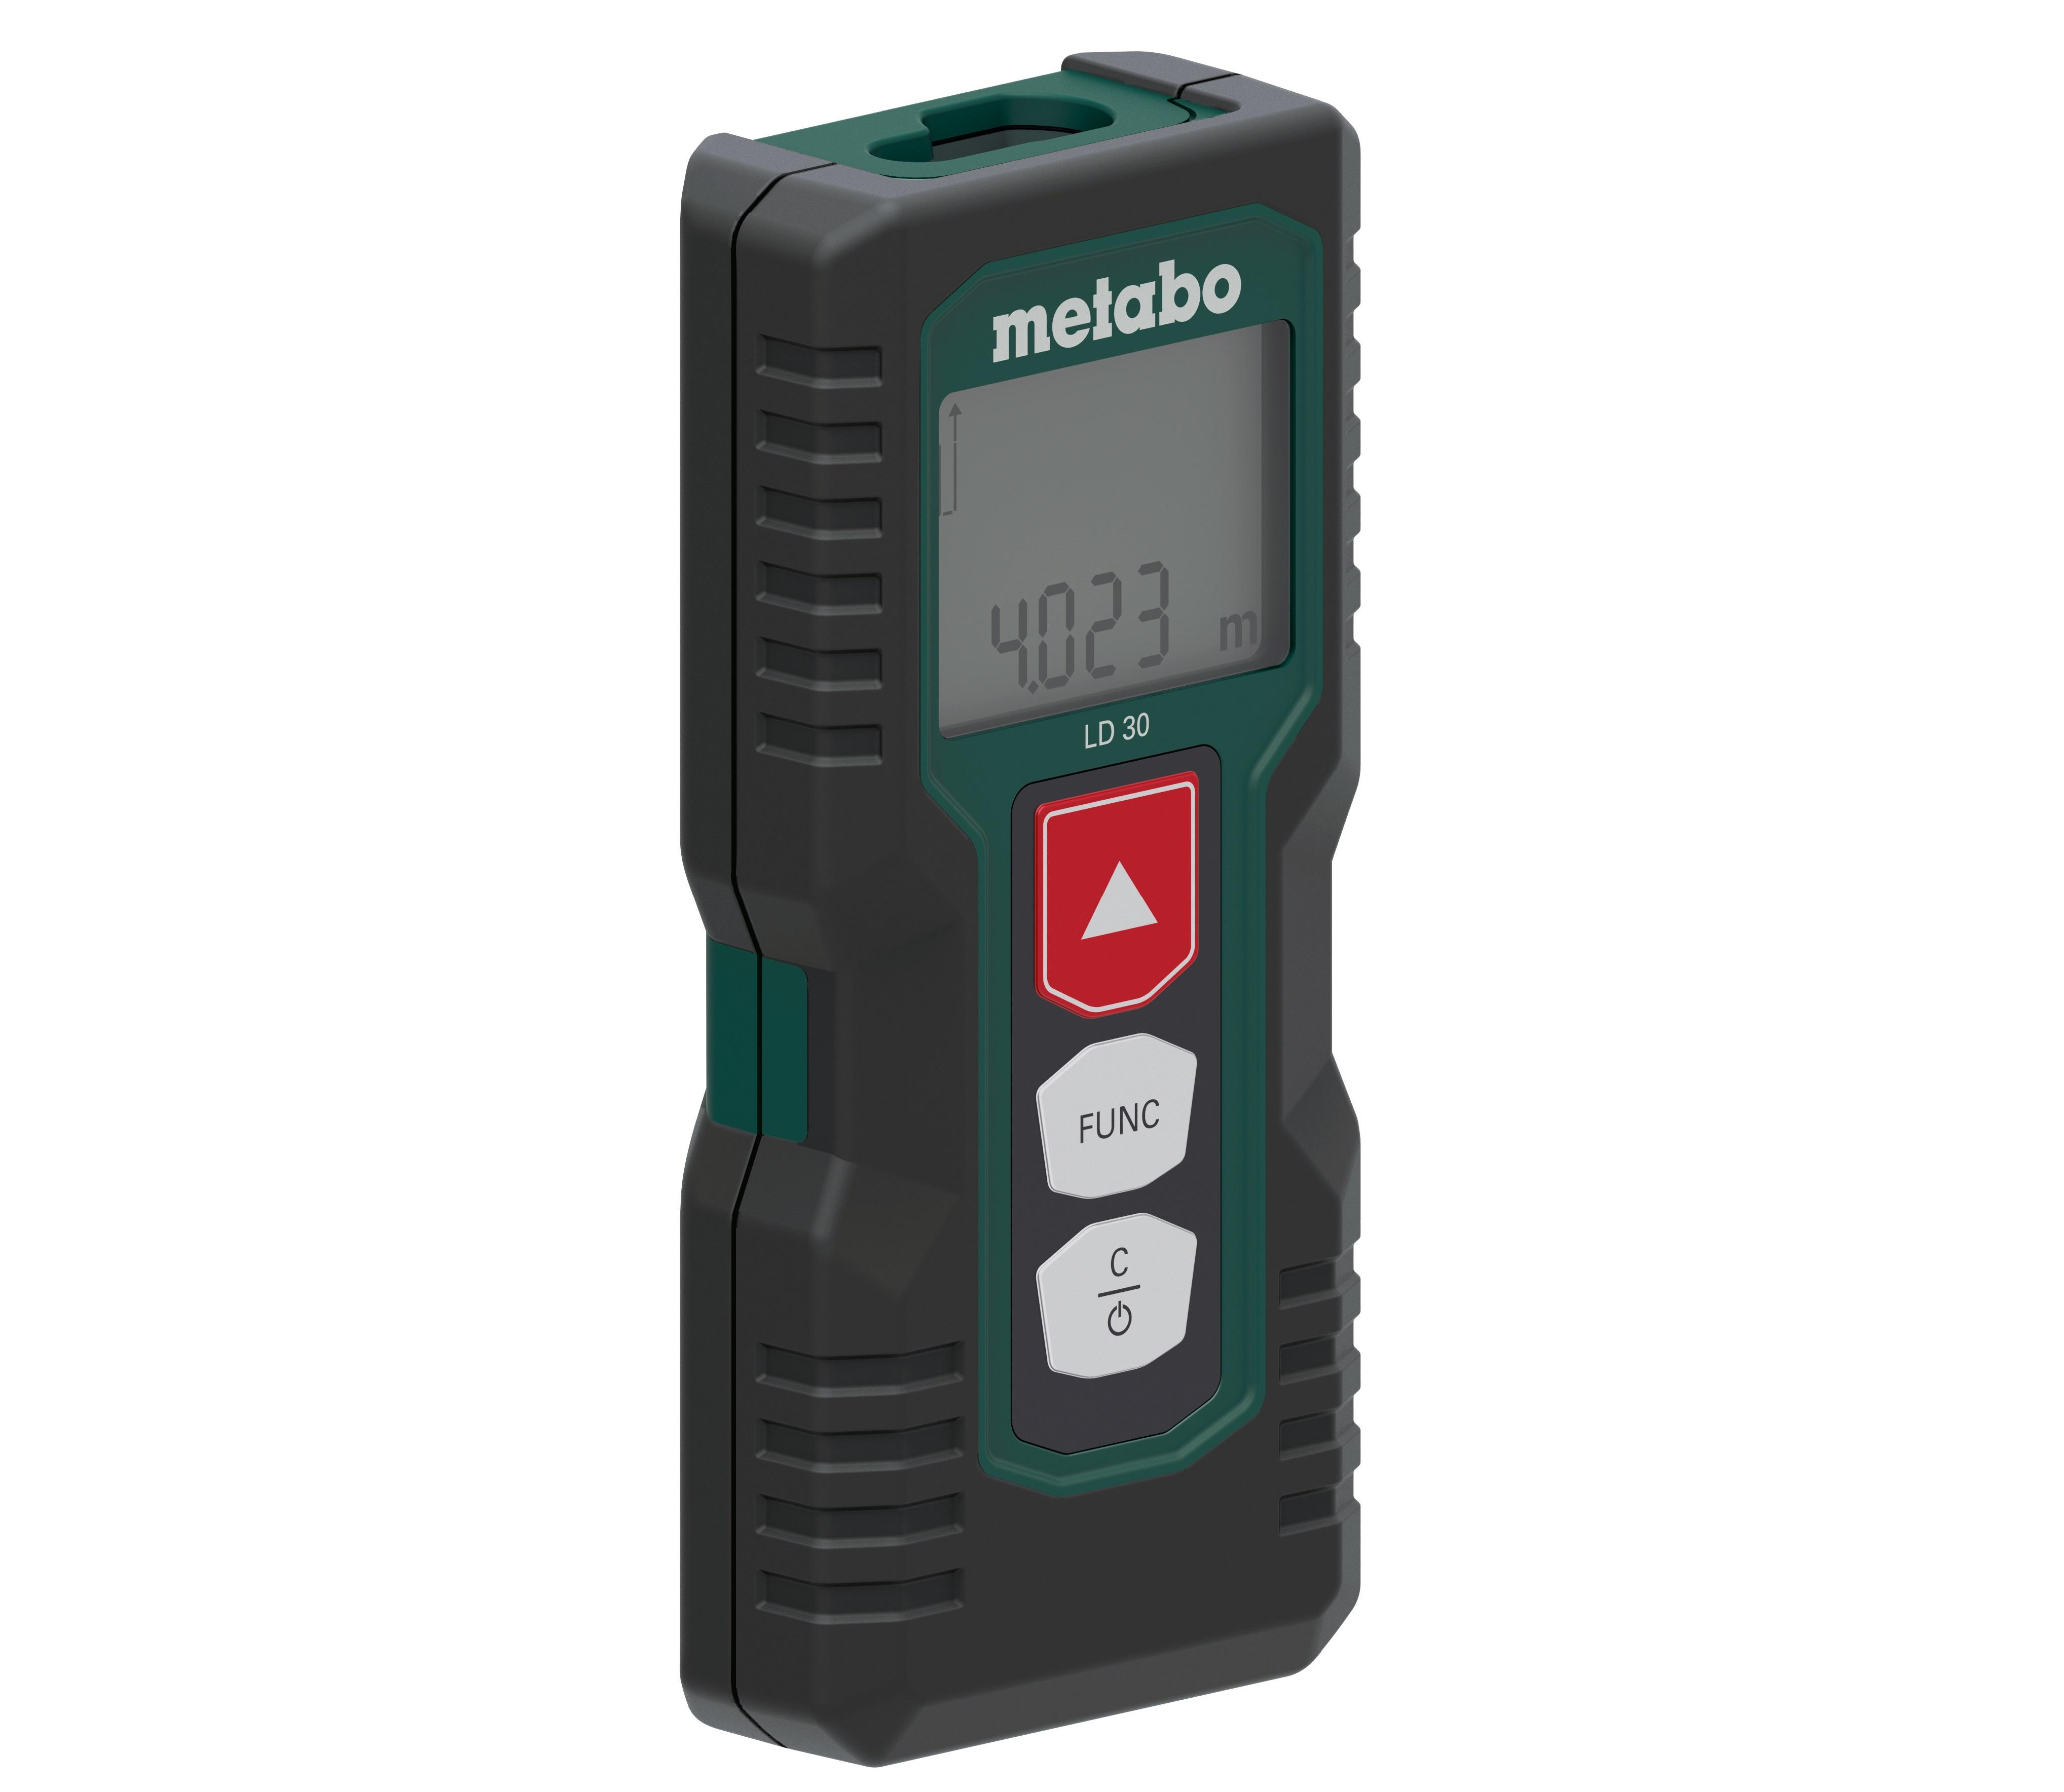 Metabo LD 30 lézeres távolságmérő